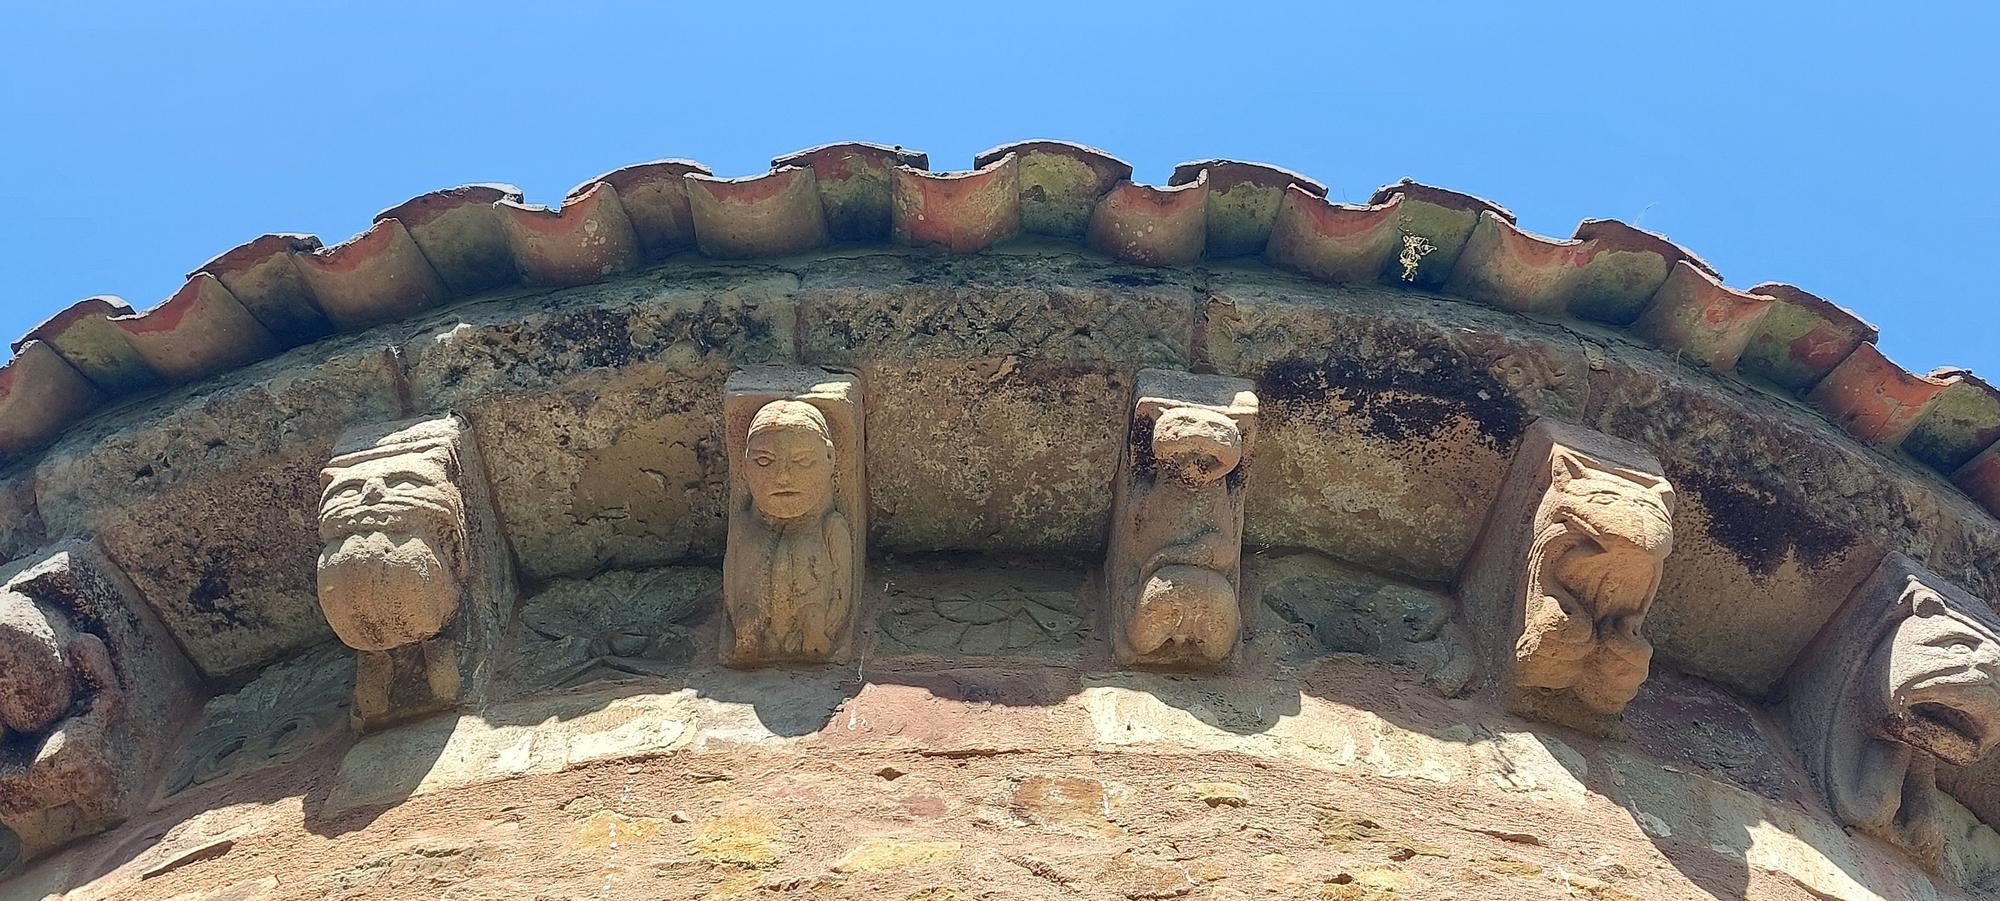 Una historia de casi mil años, las cabezas de pico vikingas y el espectáculo del ábside con 24 figuras de monstruos, juglares y enamorados: así es San Esteban de los Caballeros, joya del patrimonio de Siero